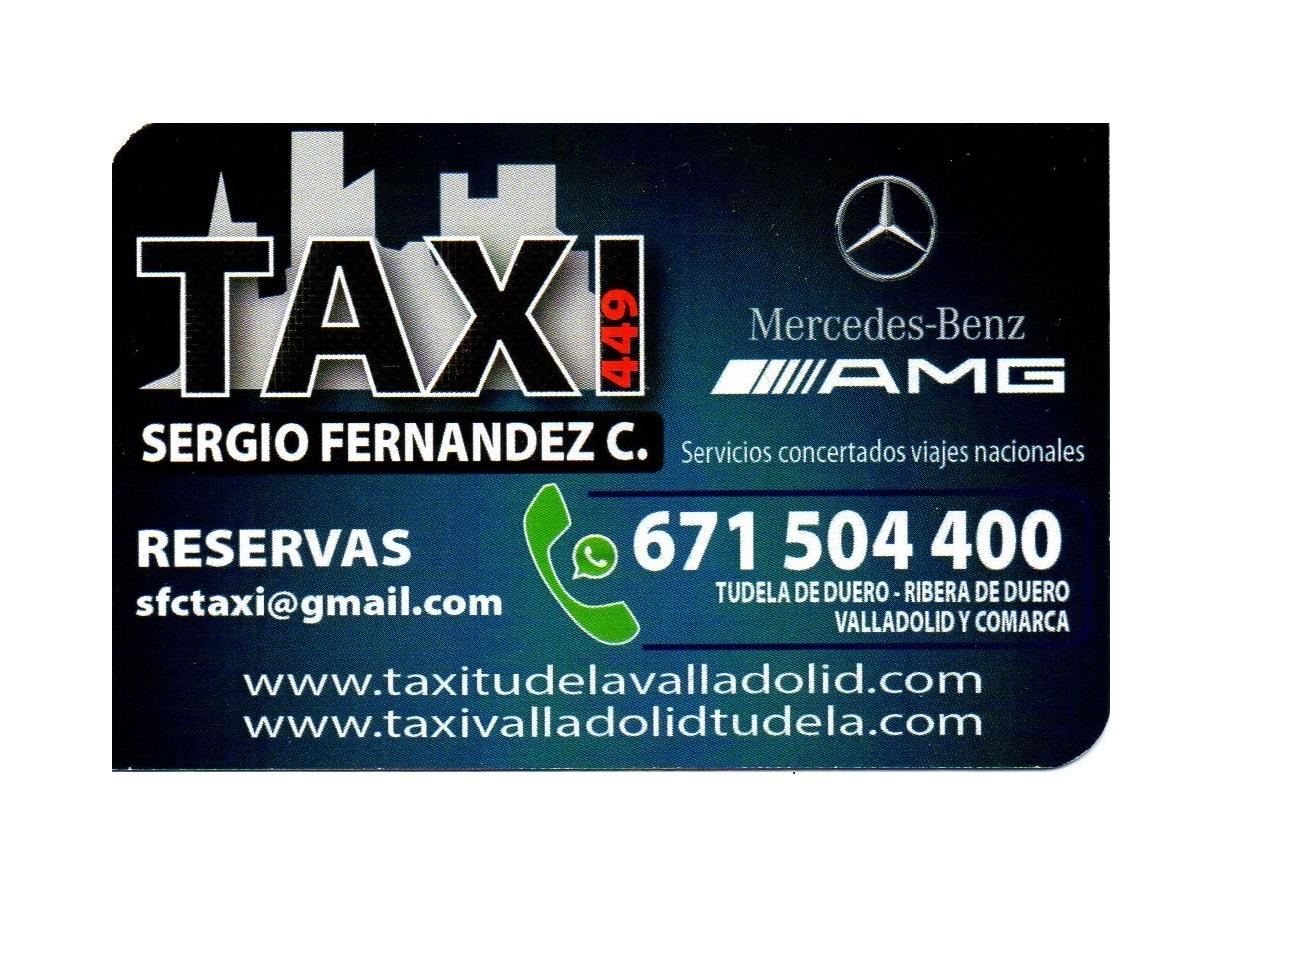 Taxi, Tudela de Duero, Ribera de Duero, Valladolid y provincia